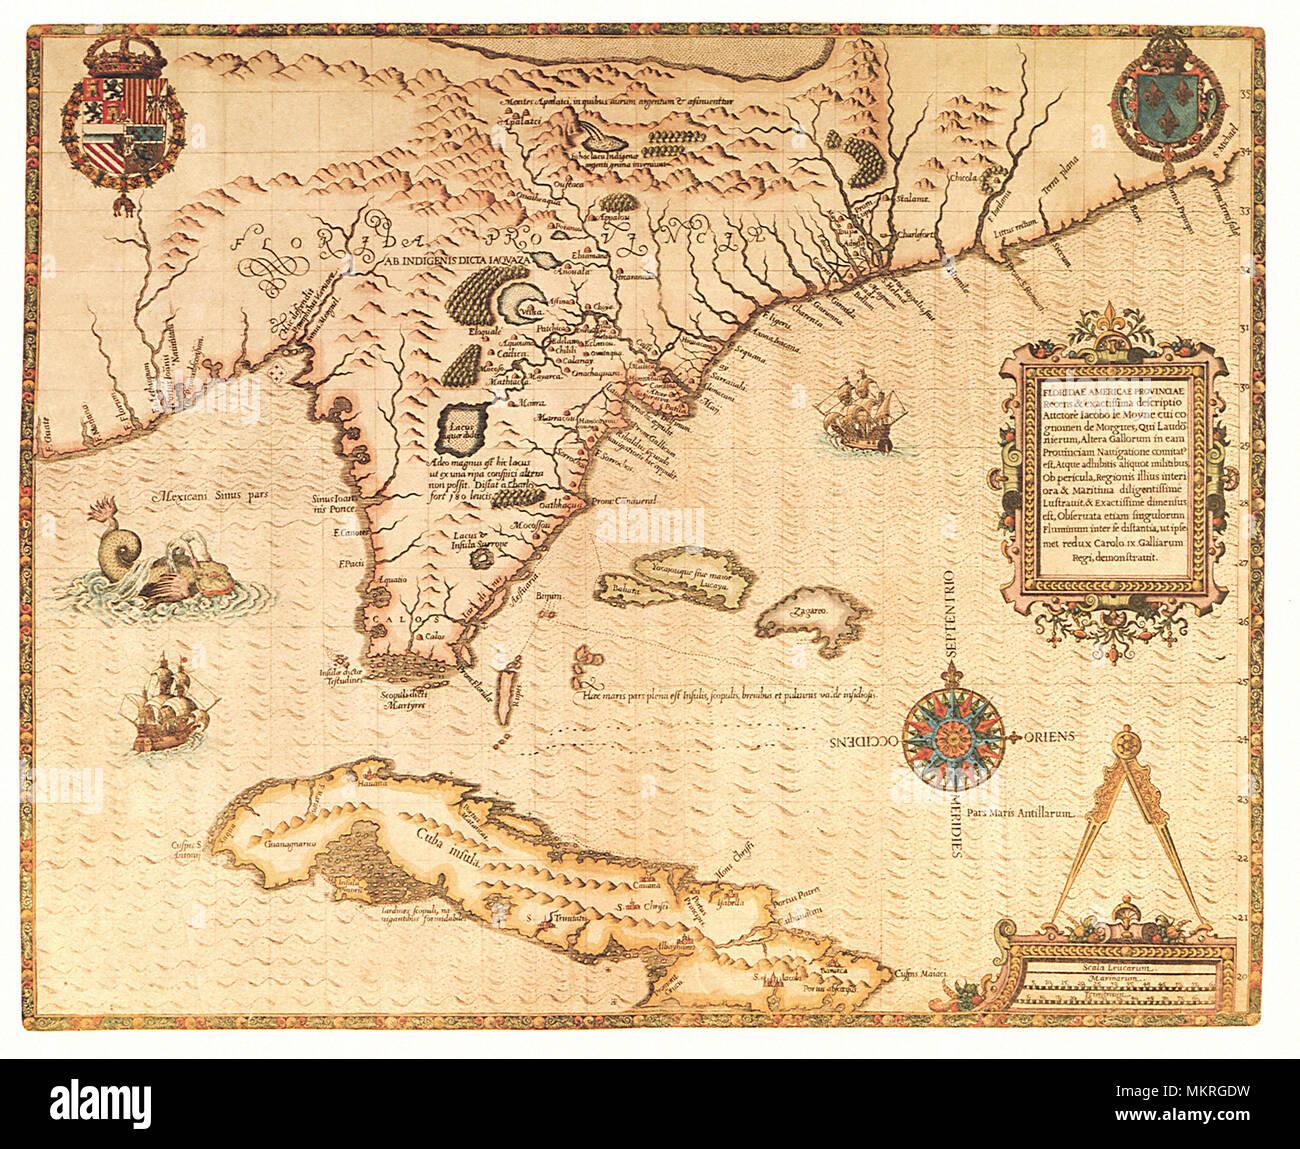 Karte Von Florida Westkuste.Karte Von Florida 1565 Stockfoto Bild 184299973 Alamy